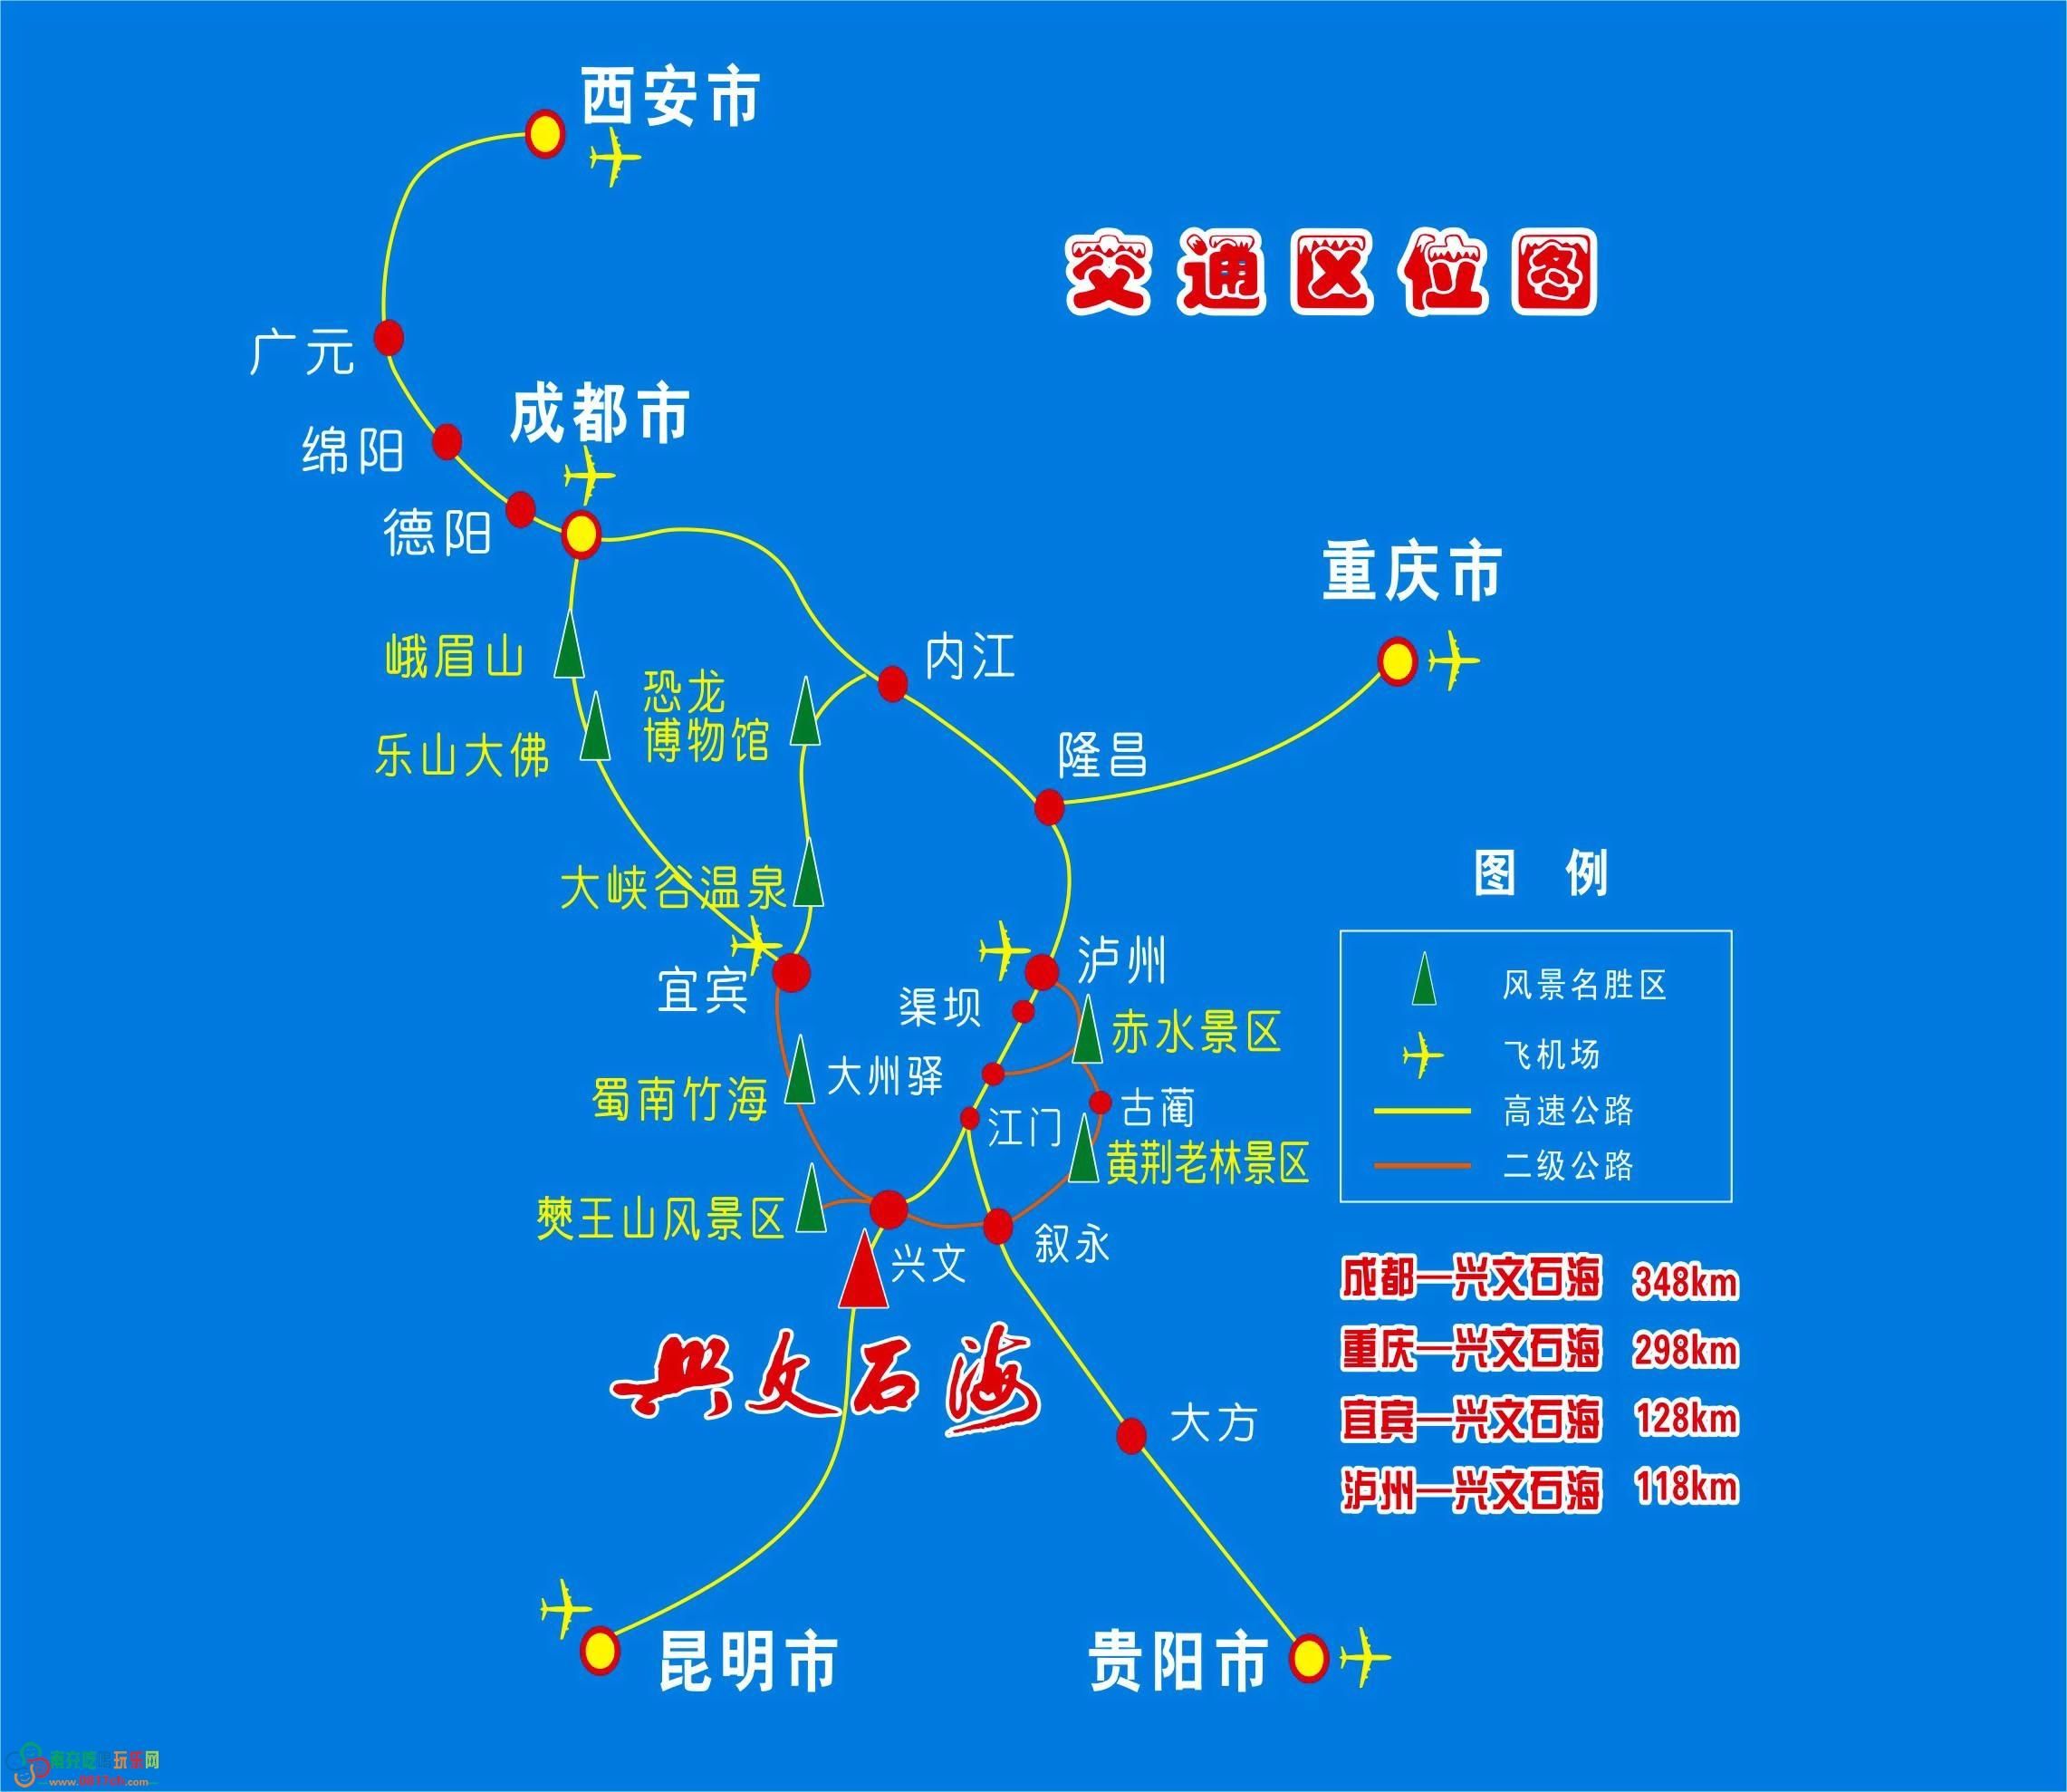 兴文石海——大自然的奇特景观